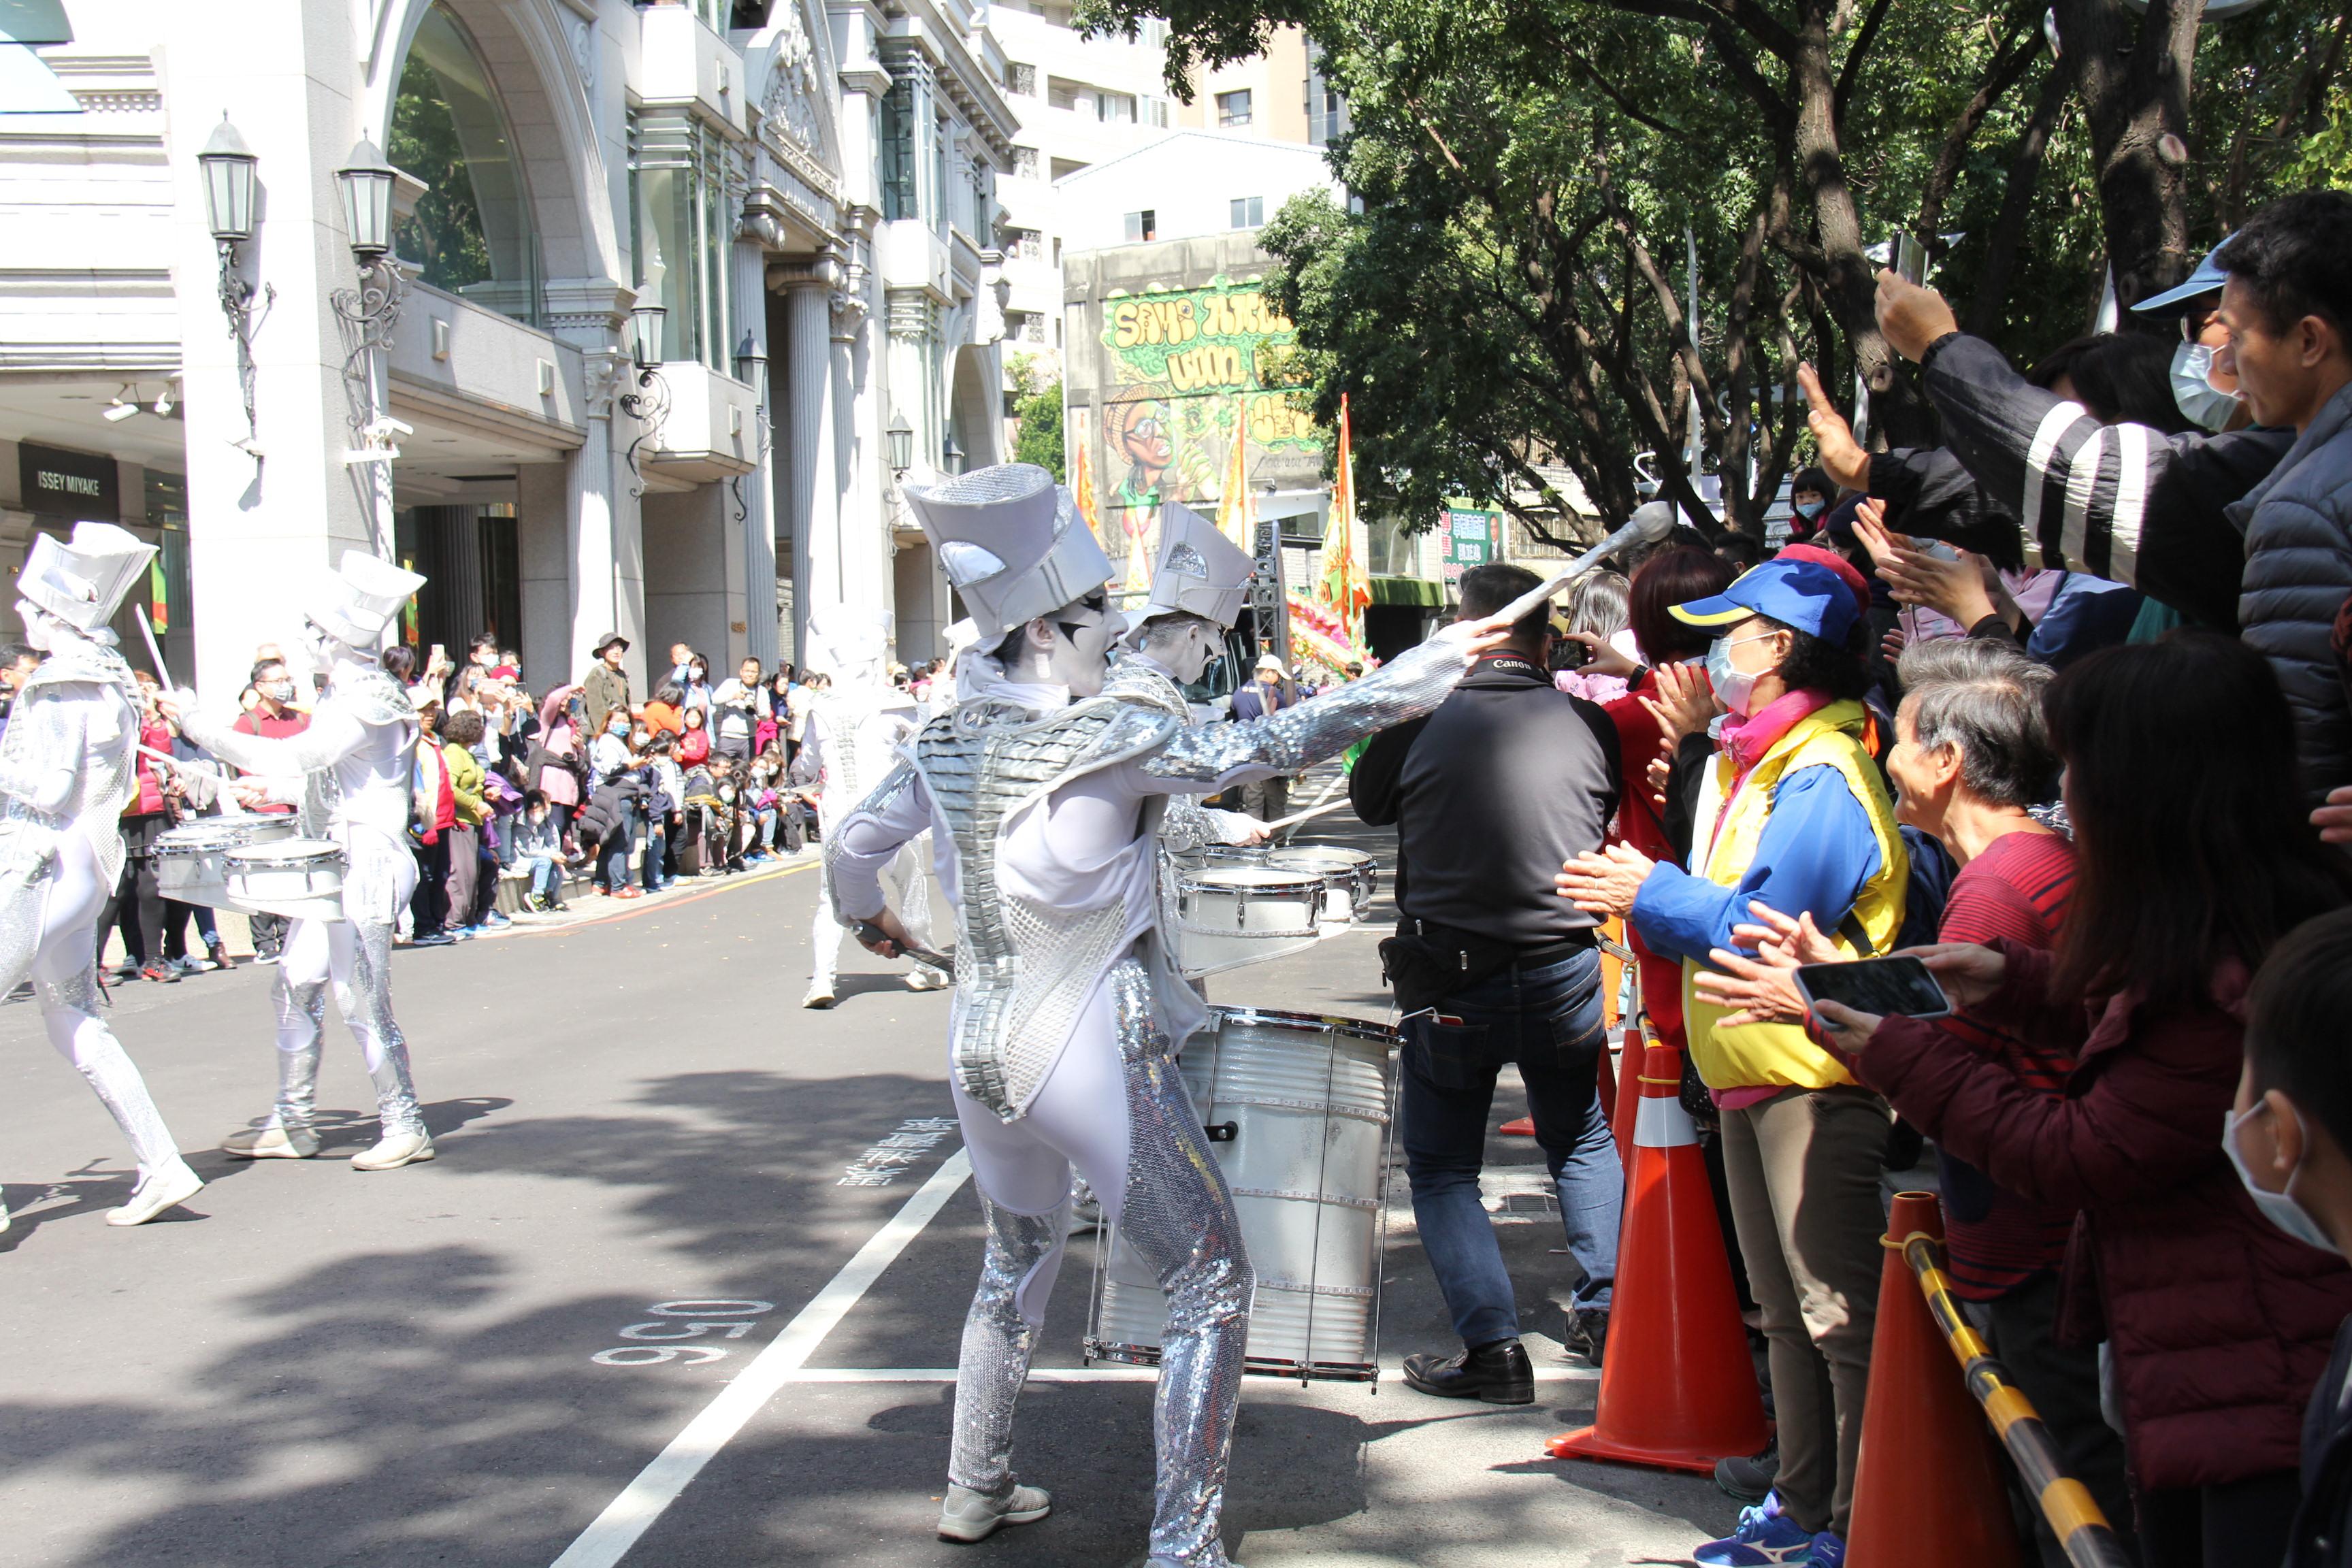 來自英國的SPARK小丑幻鼓秀團隊與民眾互動熱絡